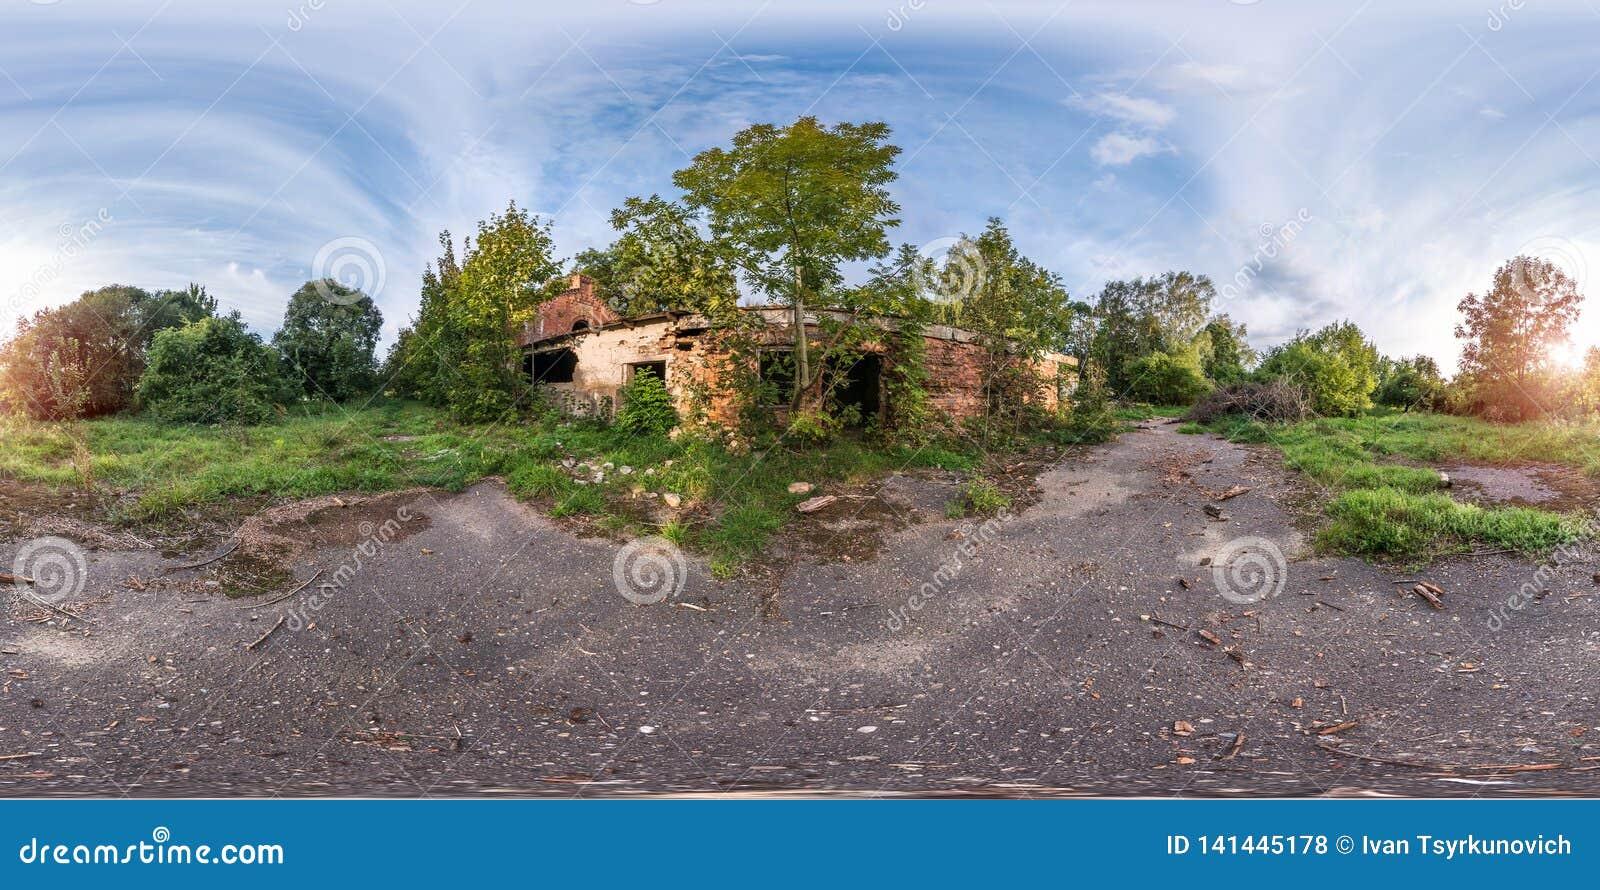 Panorama esférico inconsútil completo 360 grados de opinión de ángulo cerca del edificio agrícola arruinado abandonado piedra en